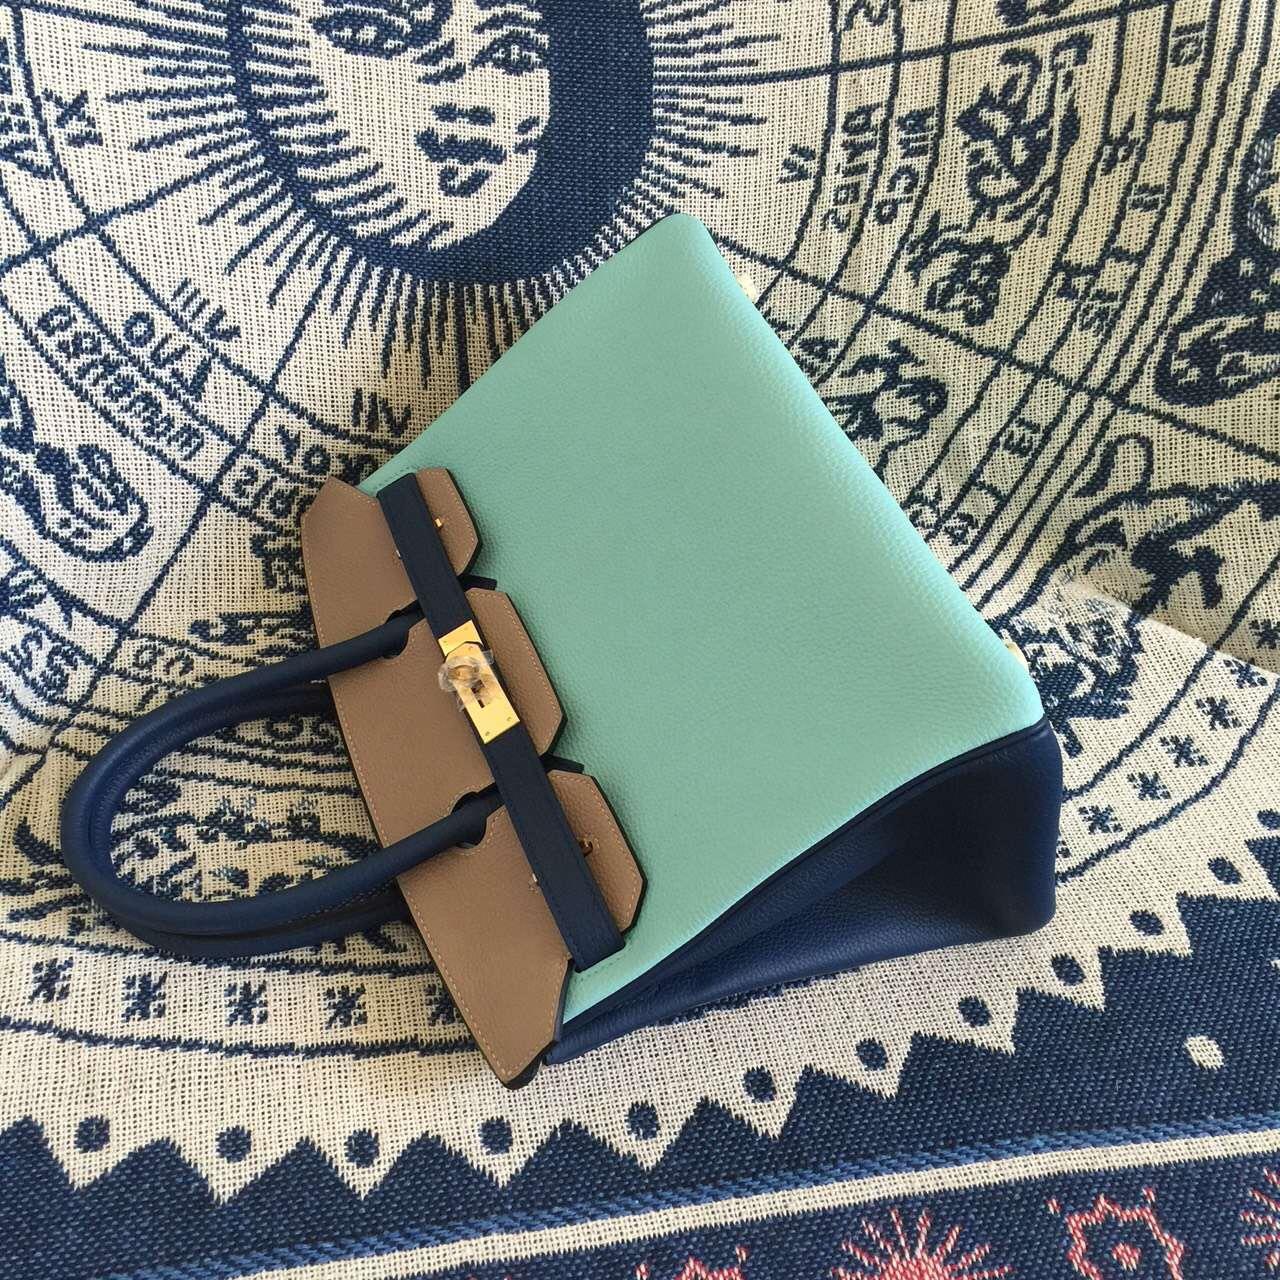 2015 New Hermes Color-blocking Togo Leather Birkin Bag 30CM Gold Hardware